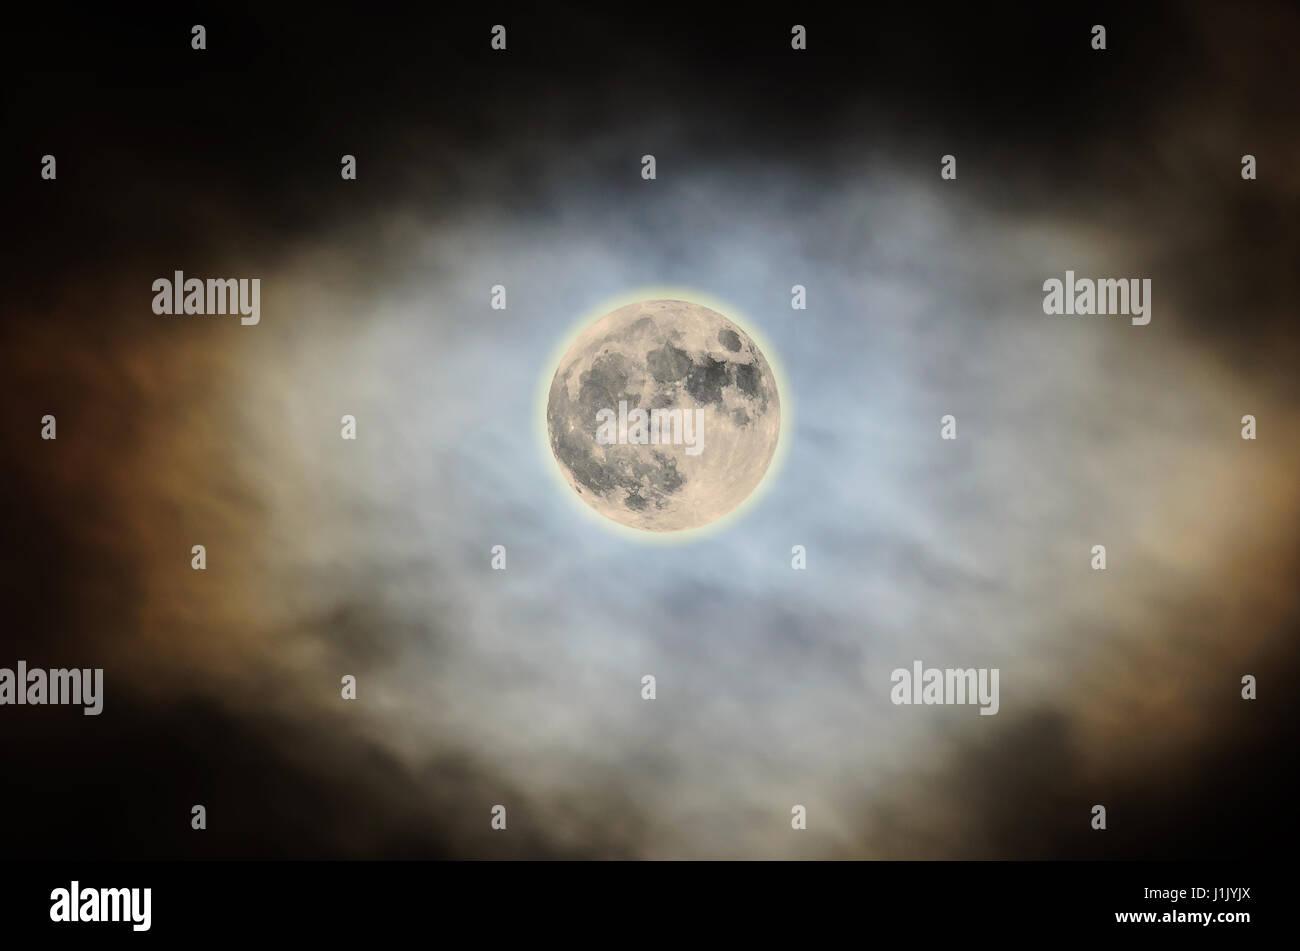 e8ba2c21e1db5 Super Moon Detail Stock Photos   Super Moon Detail Stock Images - Alamy